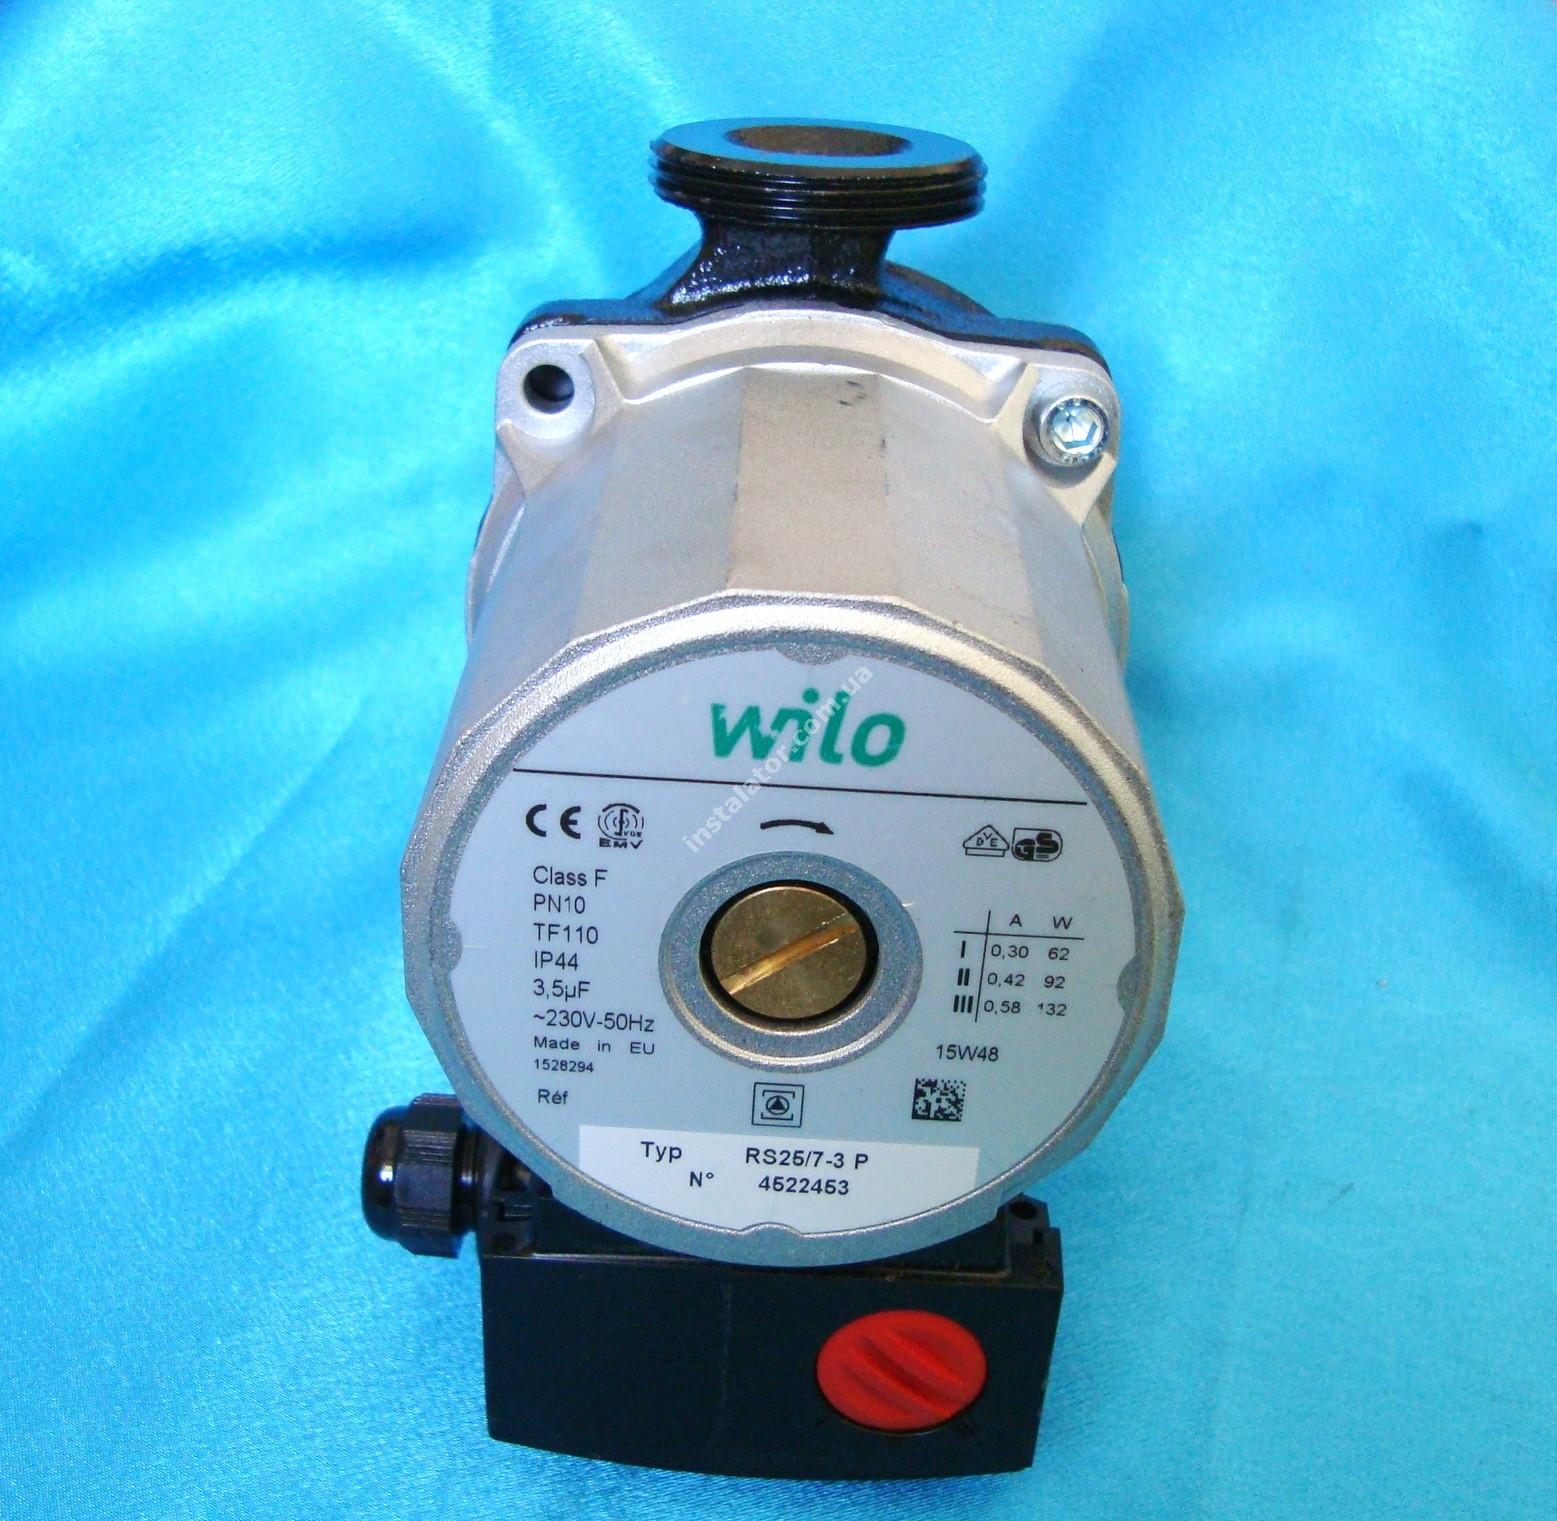 Циркуляційний насос Wilo RS 25/7 (сірий) full-image-2